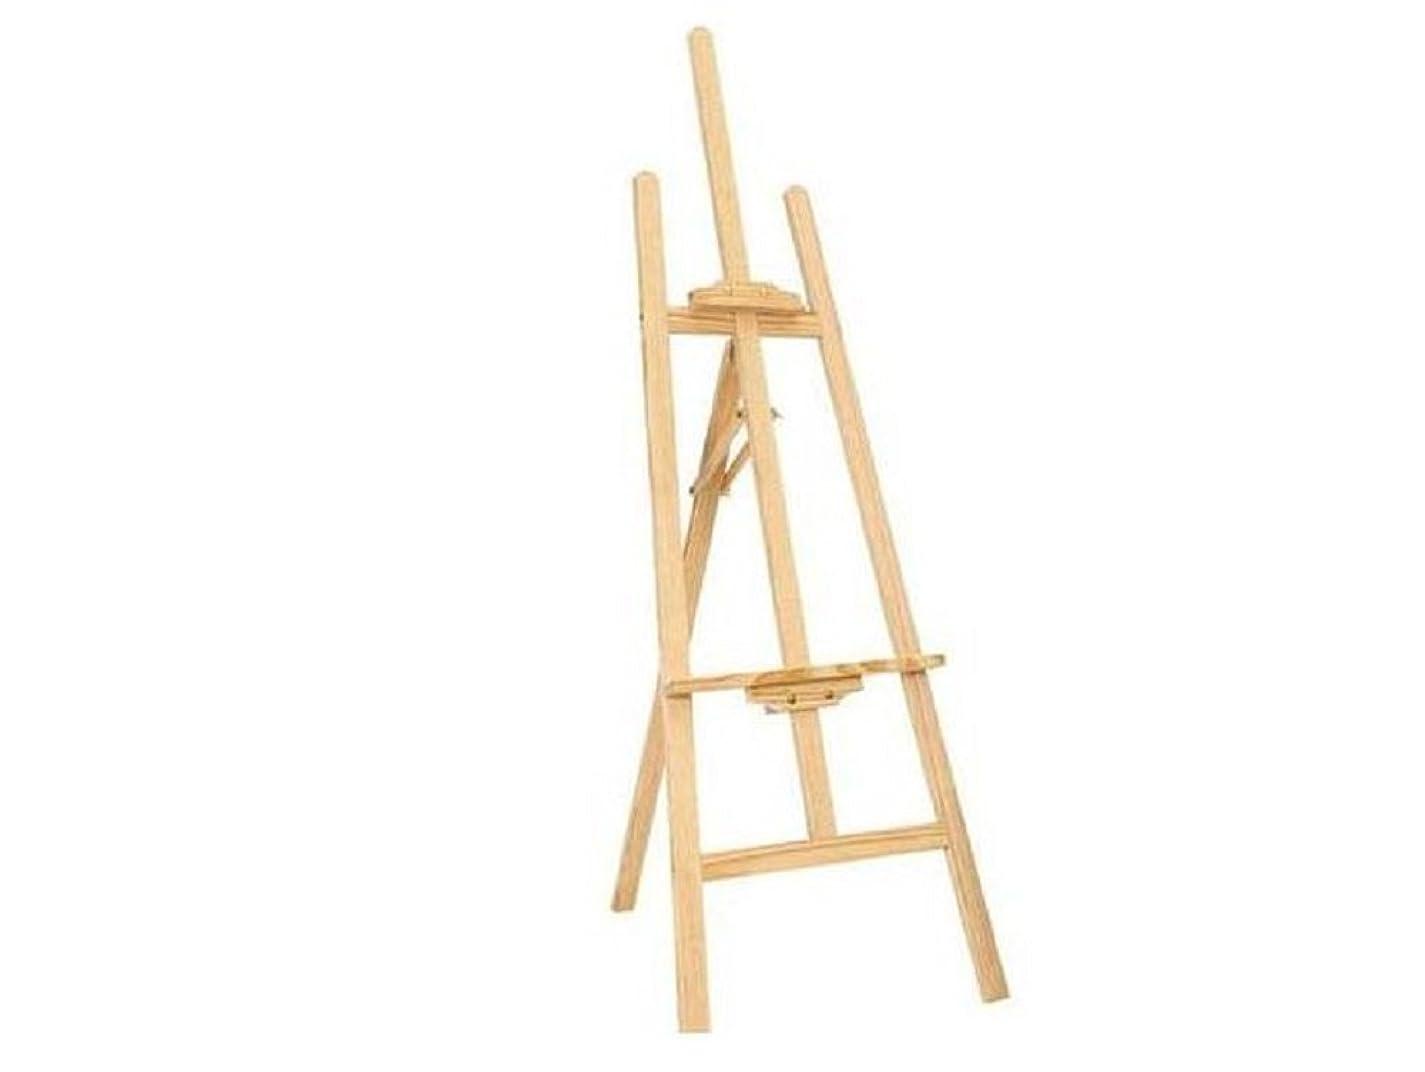 実現可能性でもおじさん木製 イーゼル スタンド 150cm 高さ 調節 可能 展示 店舗 絵画 ナチュラル 木目 組み立て図付